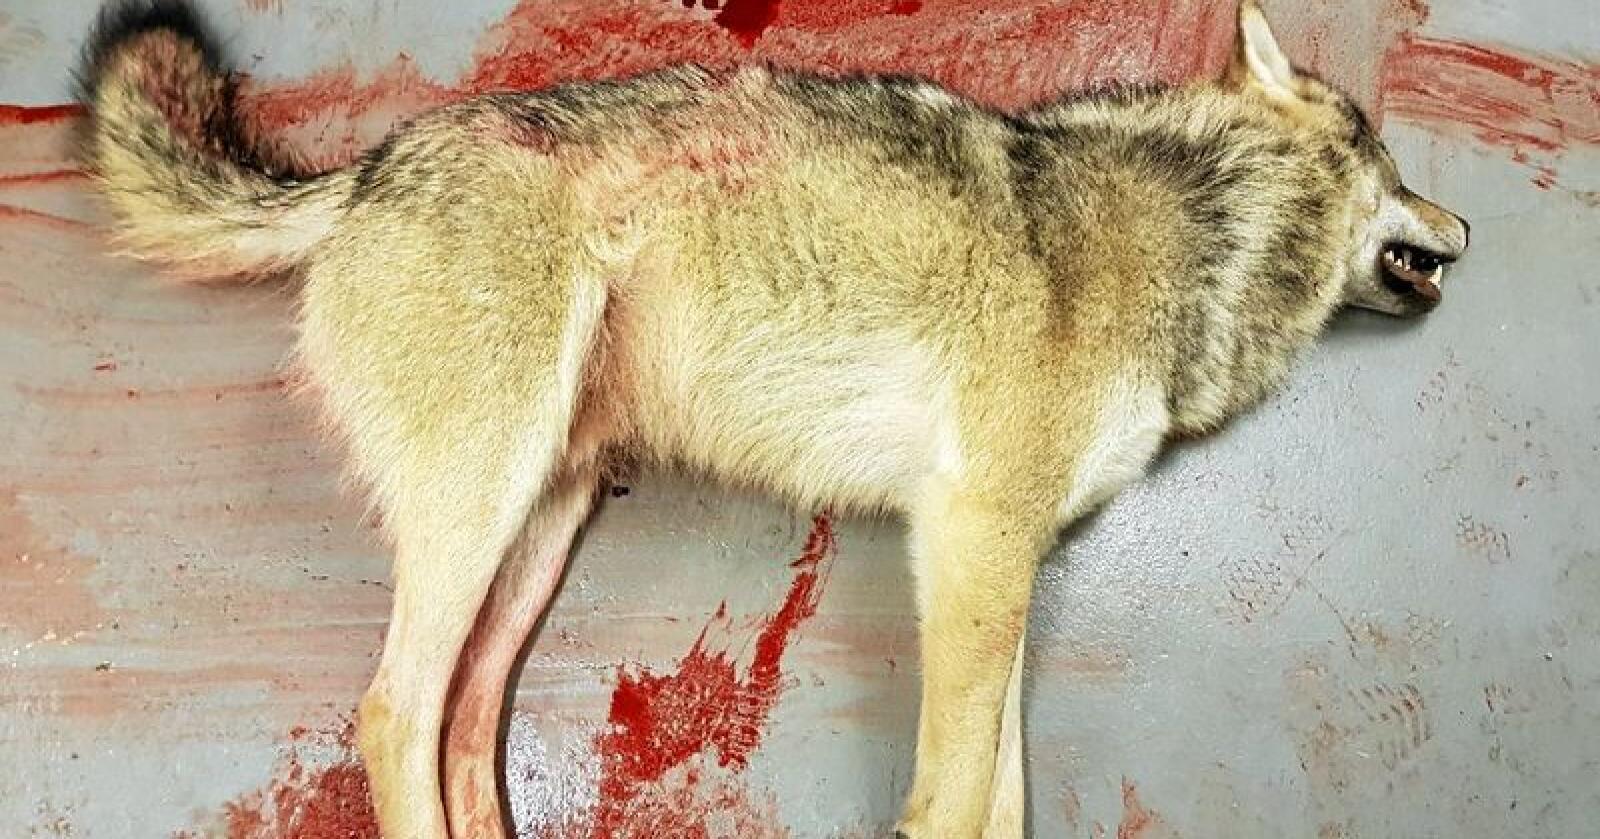 Ulven som ble felt i høstbeiteområdene til Skuohtanjarga reinbeitedistrikt i Karasjok kommune i Finnmark søndag. Foto: Privat